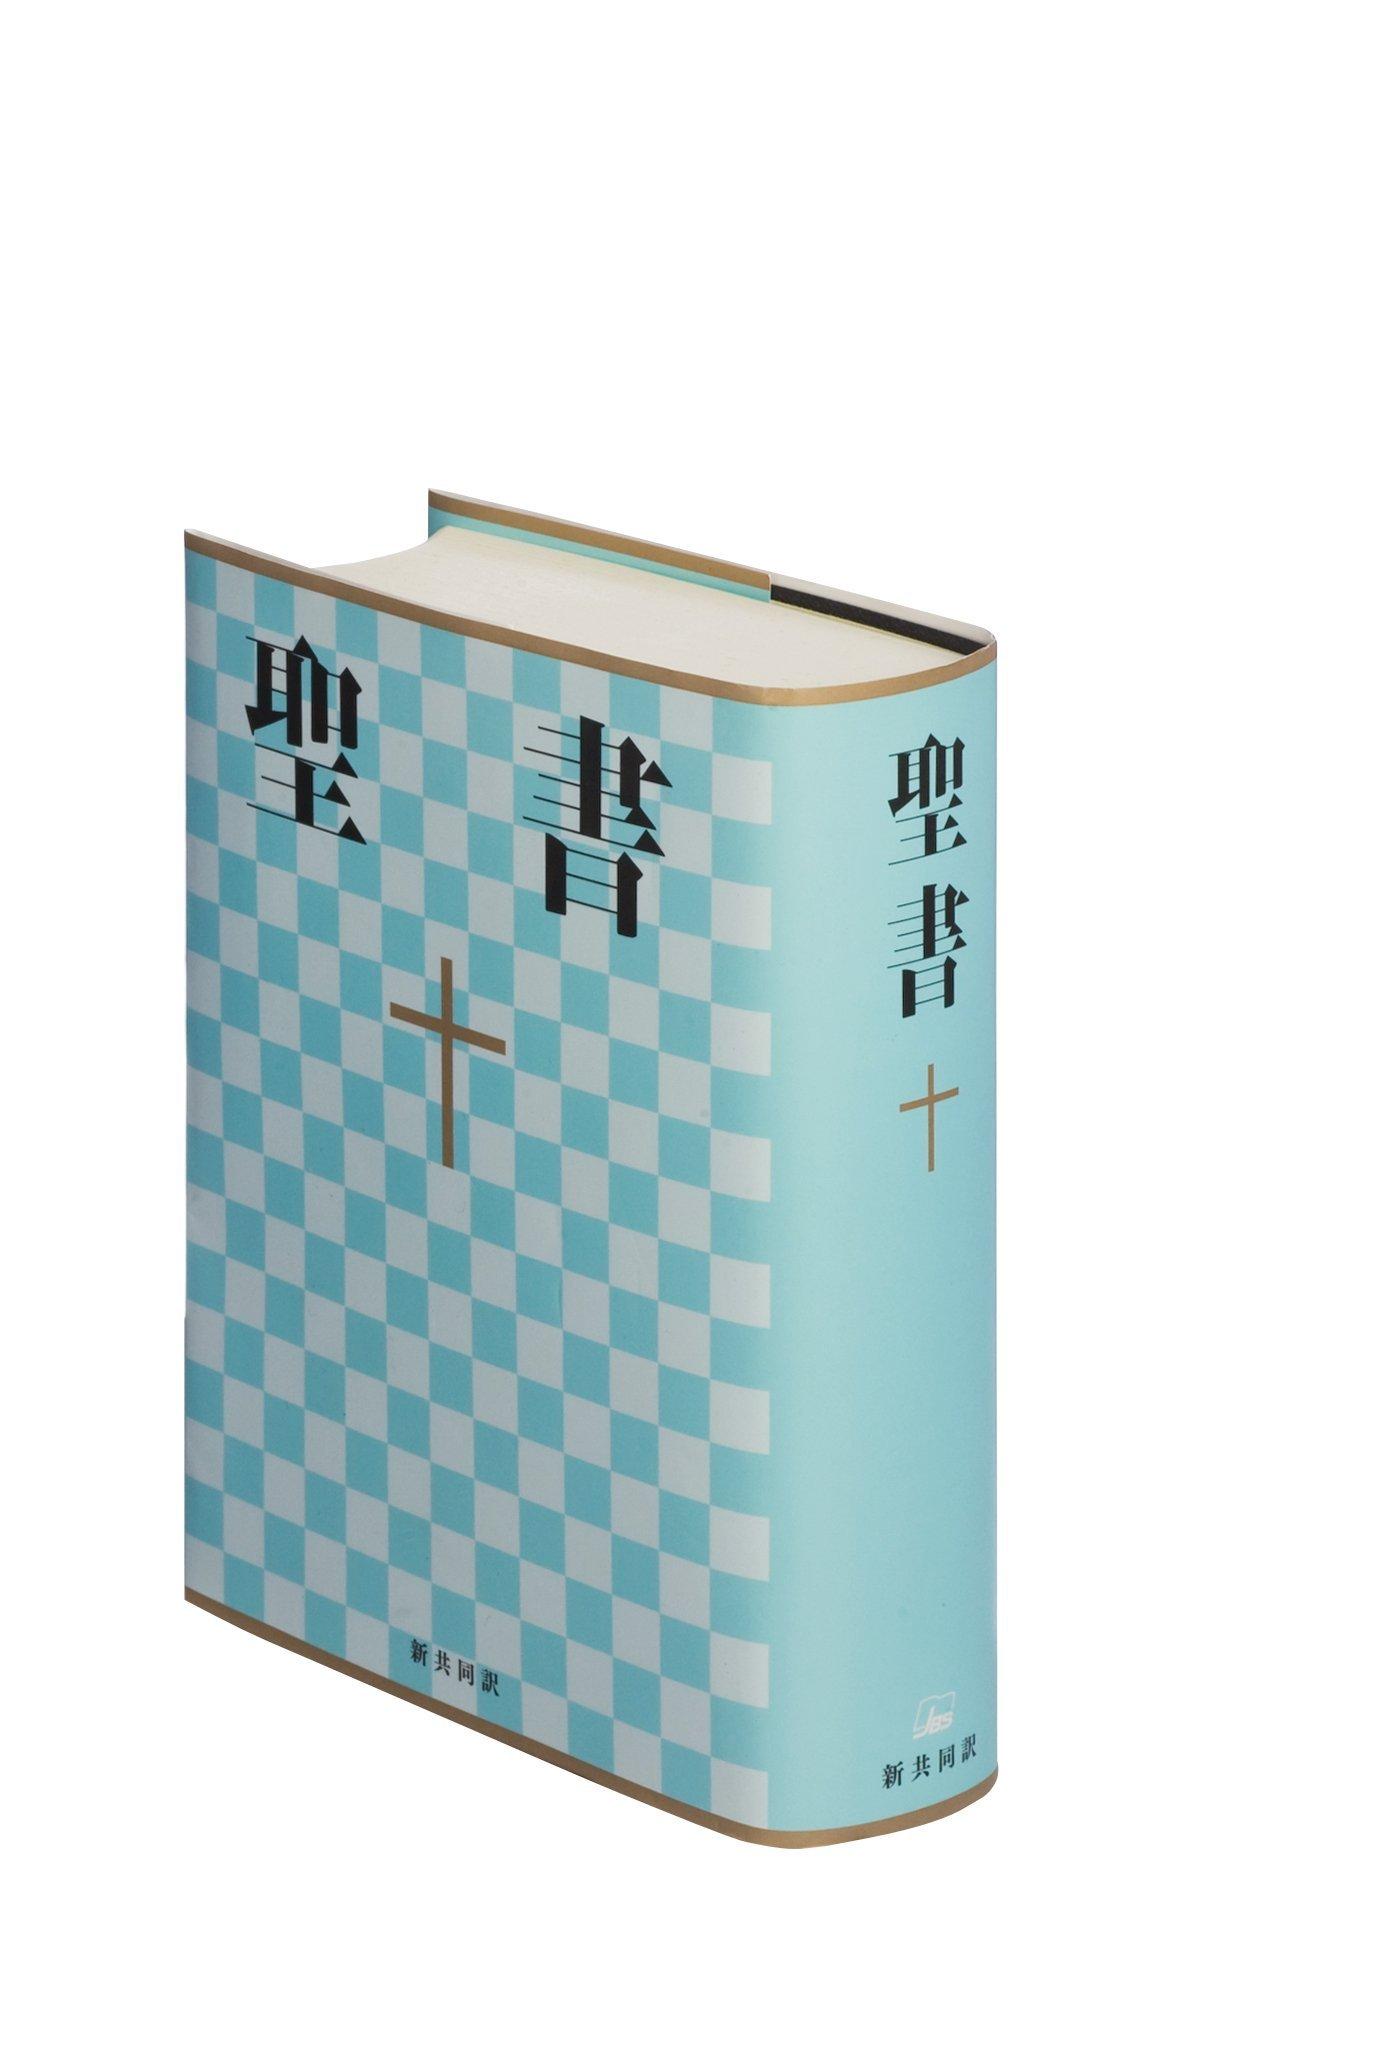 中型聖書 - 新共同訳NI53 | 共同...